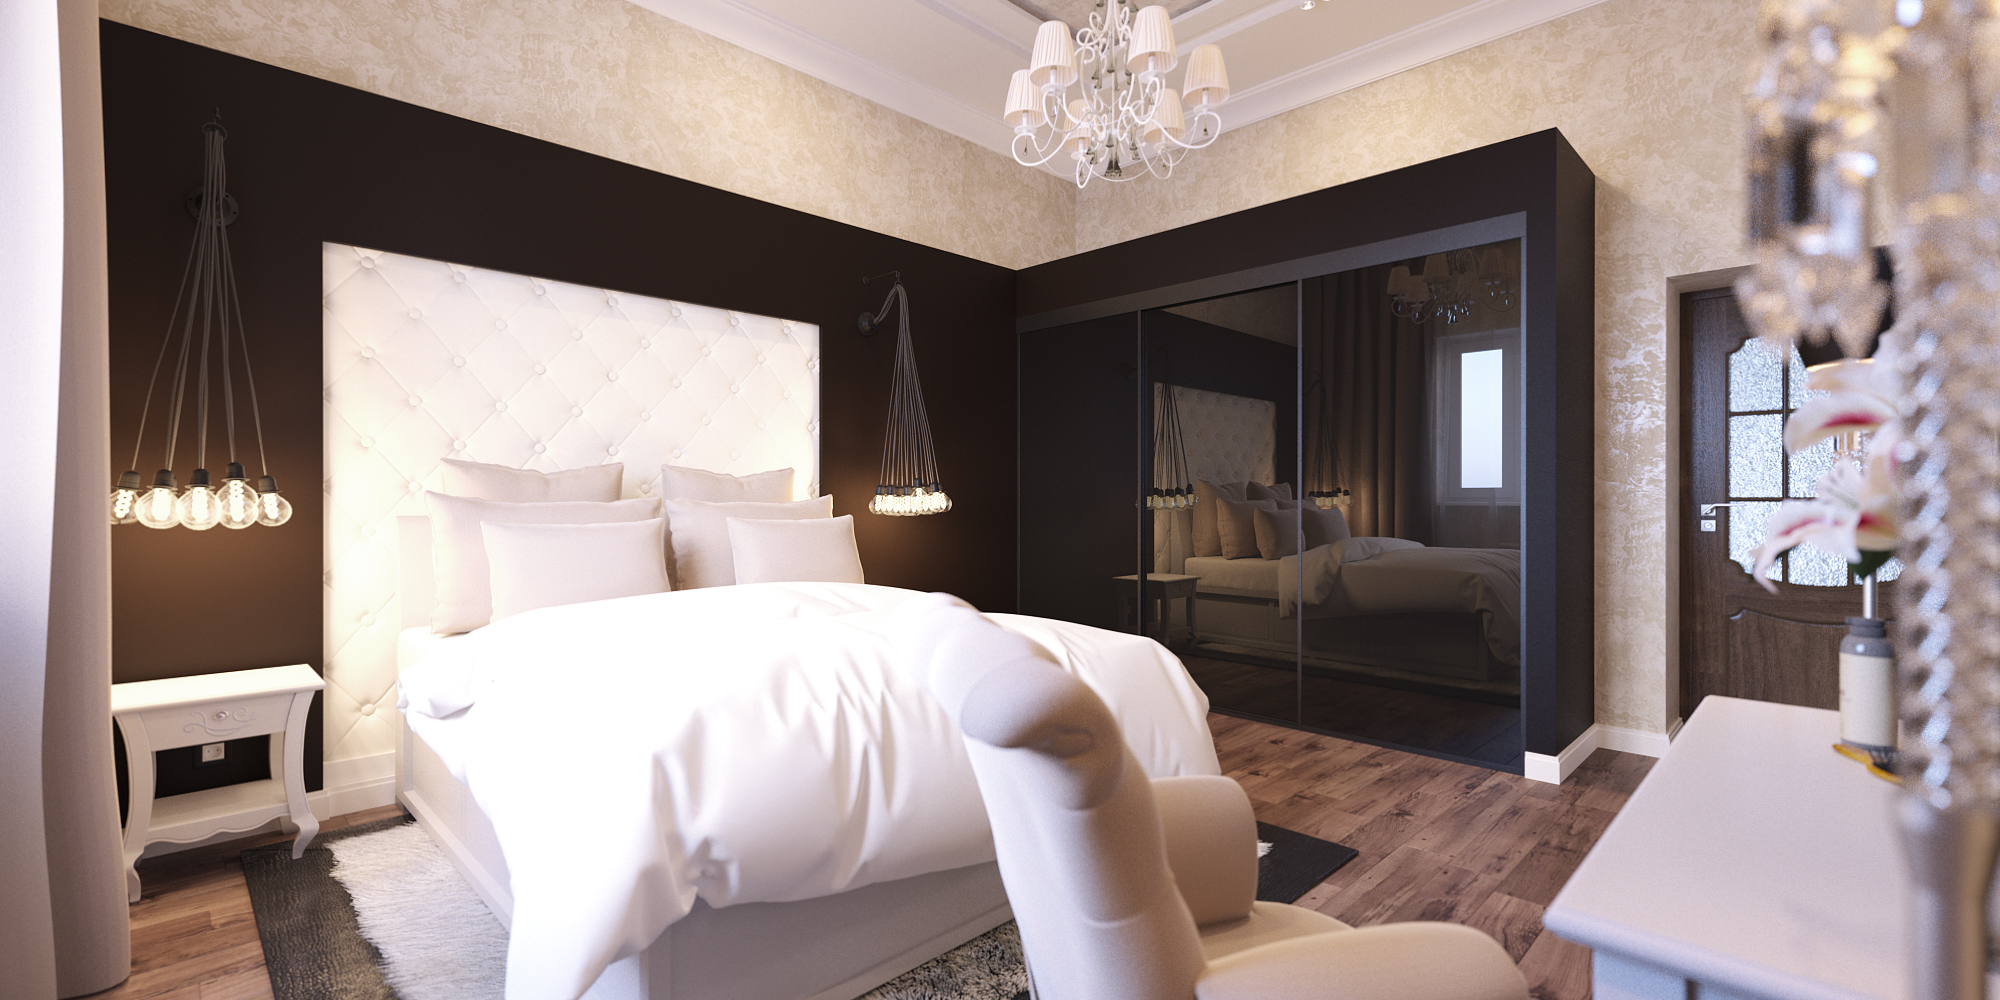 bed_room_v2_2